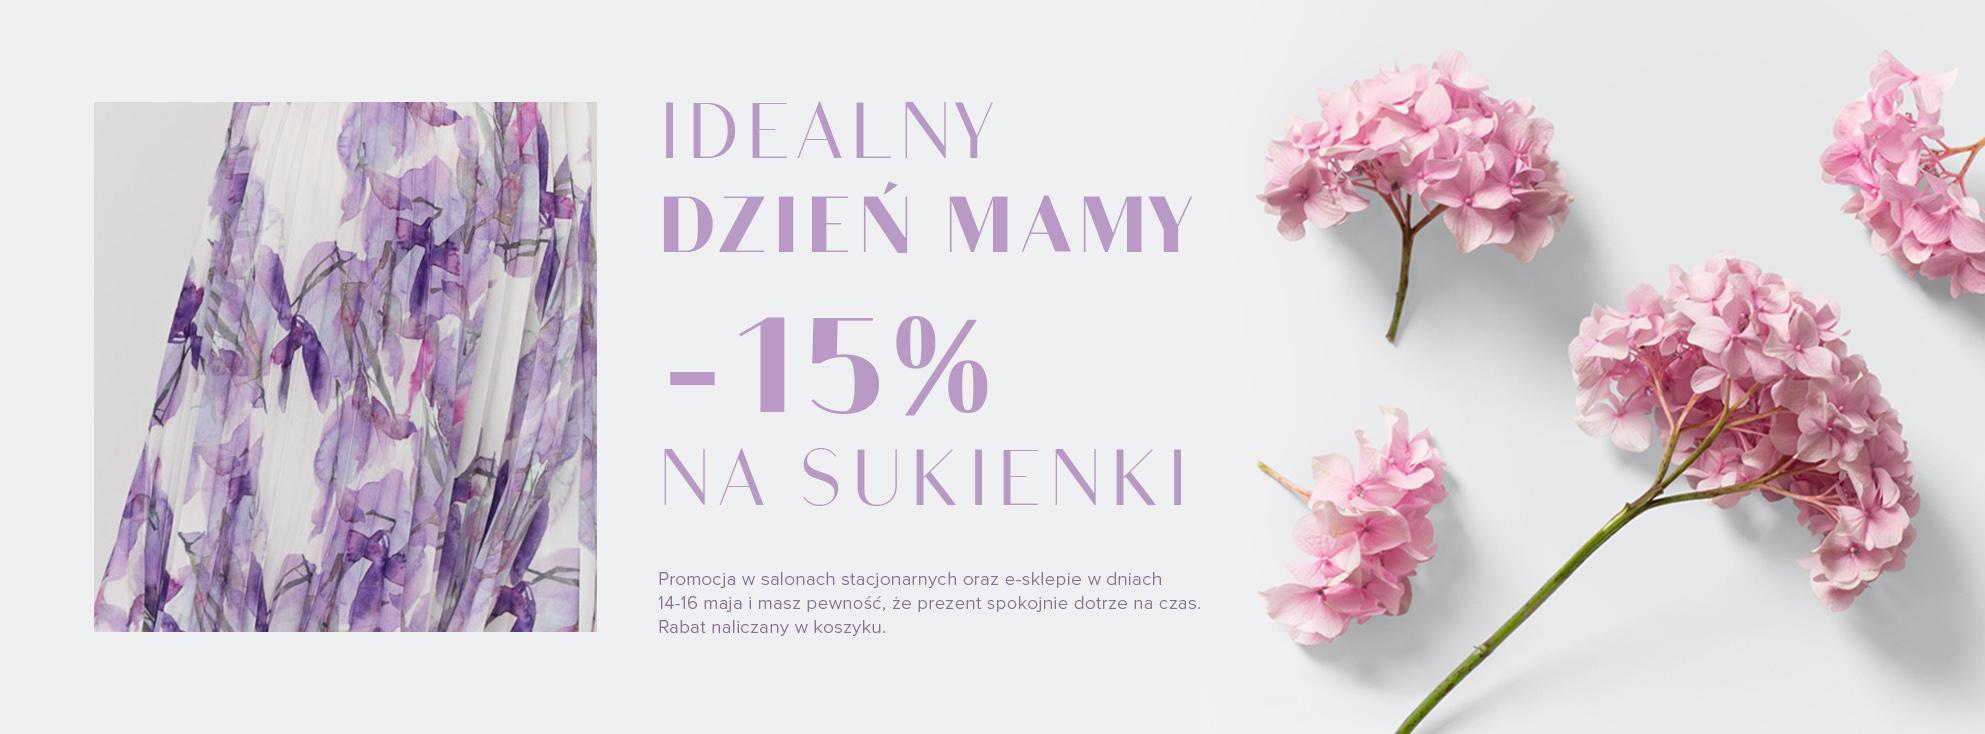 Patrizia Aryton: 15% rabatu na sukienki - promocja na Dzień Mamy